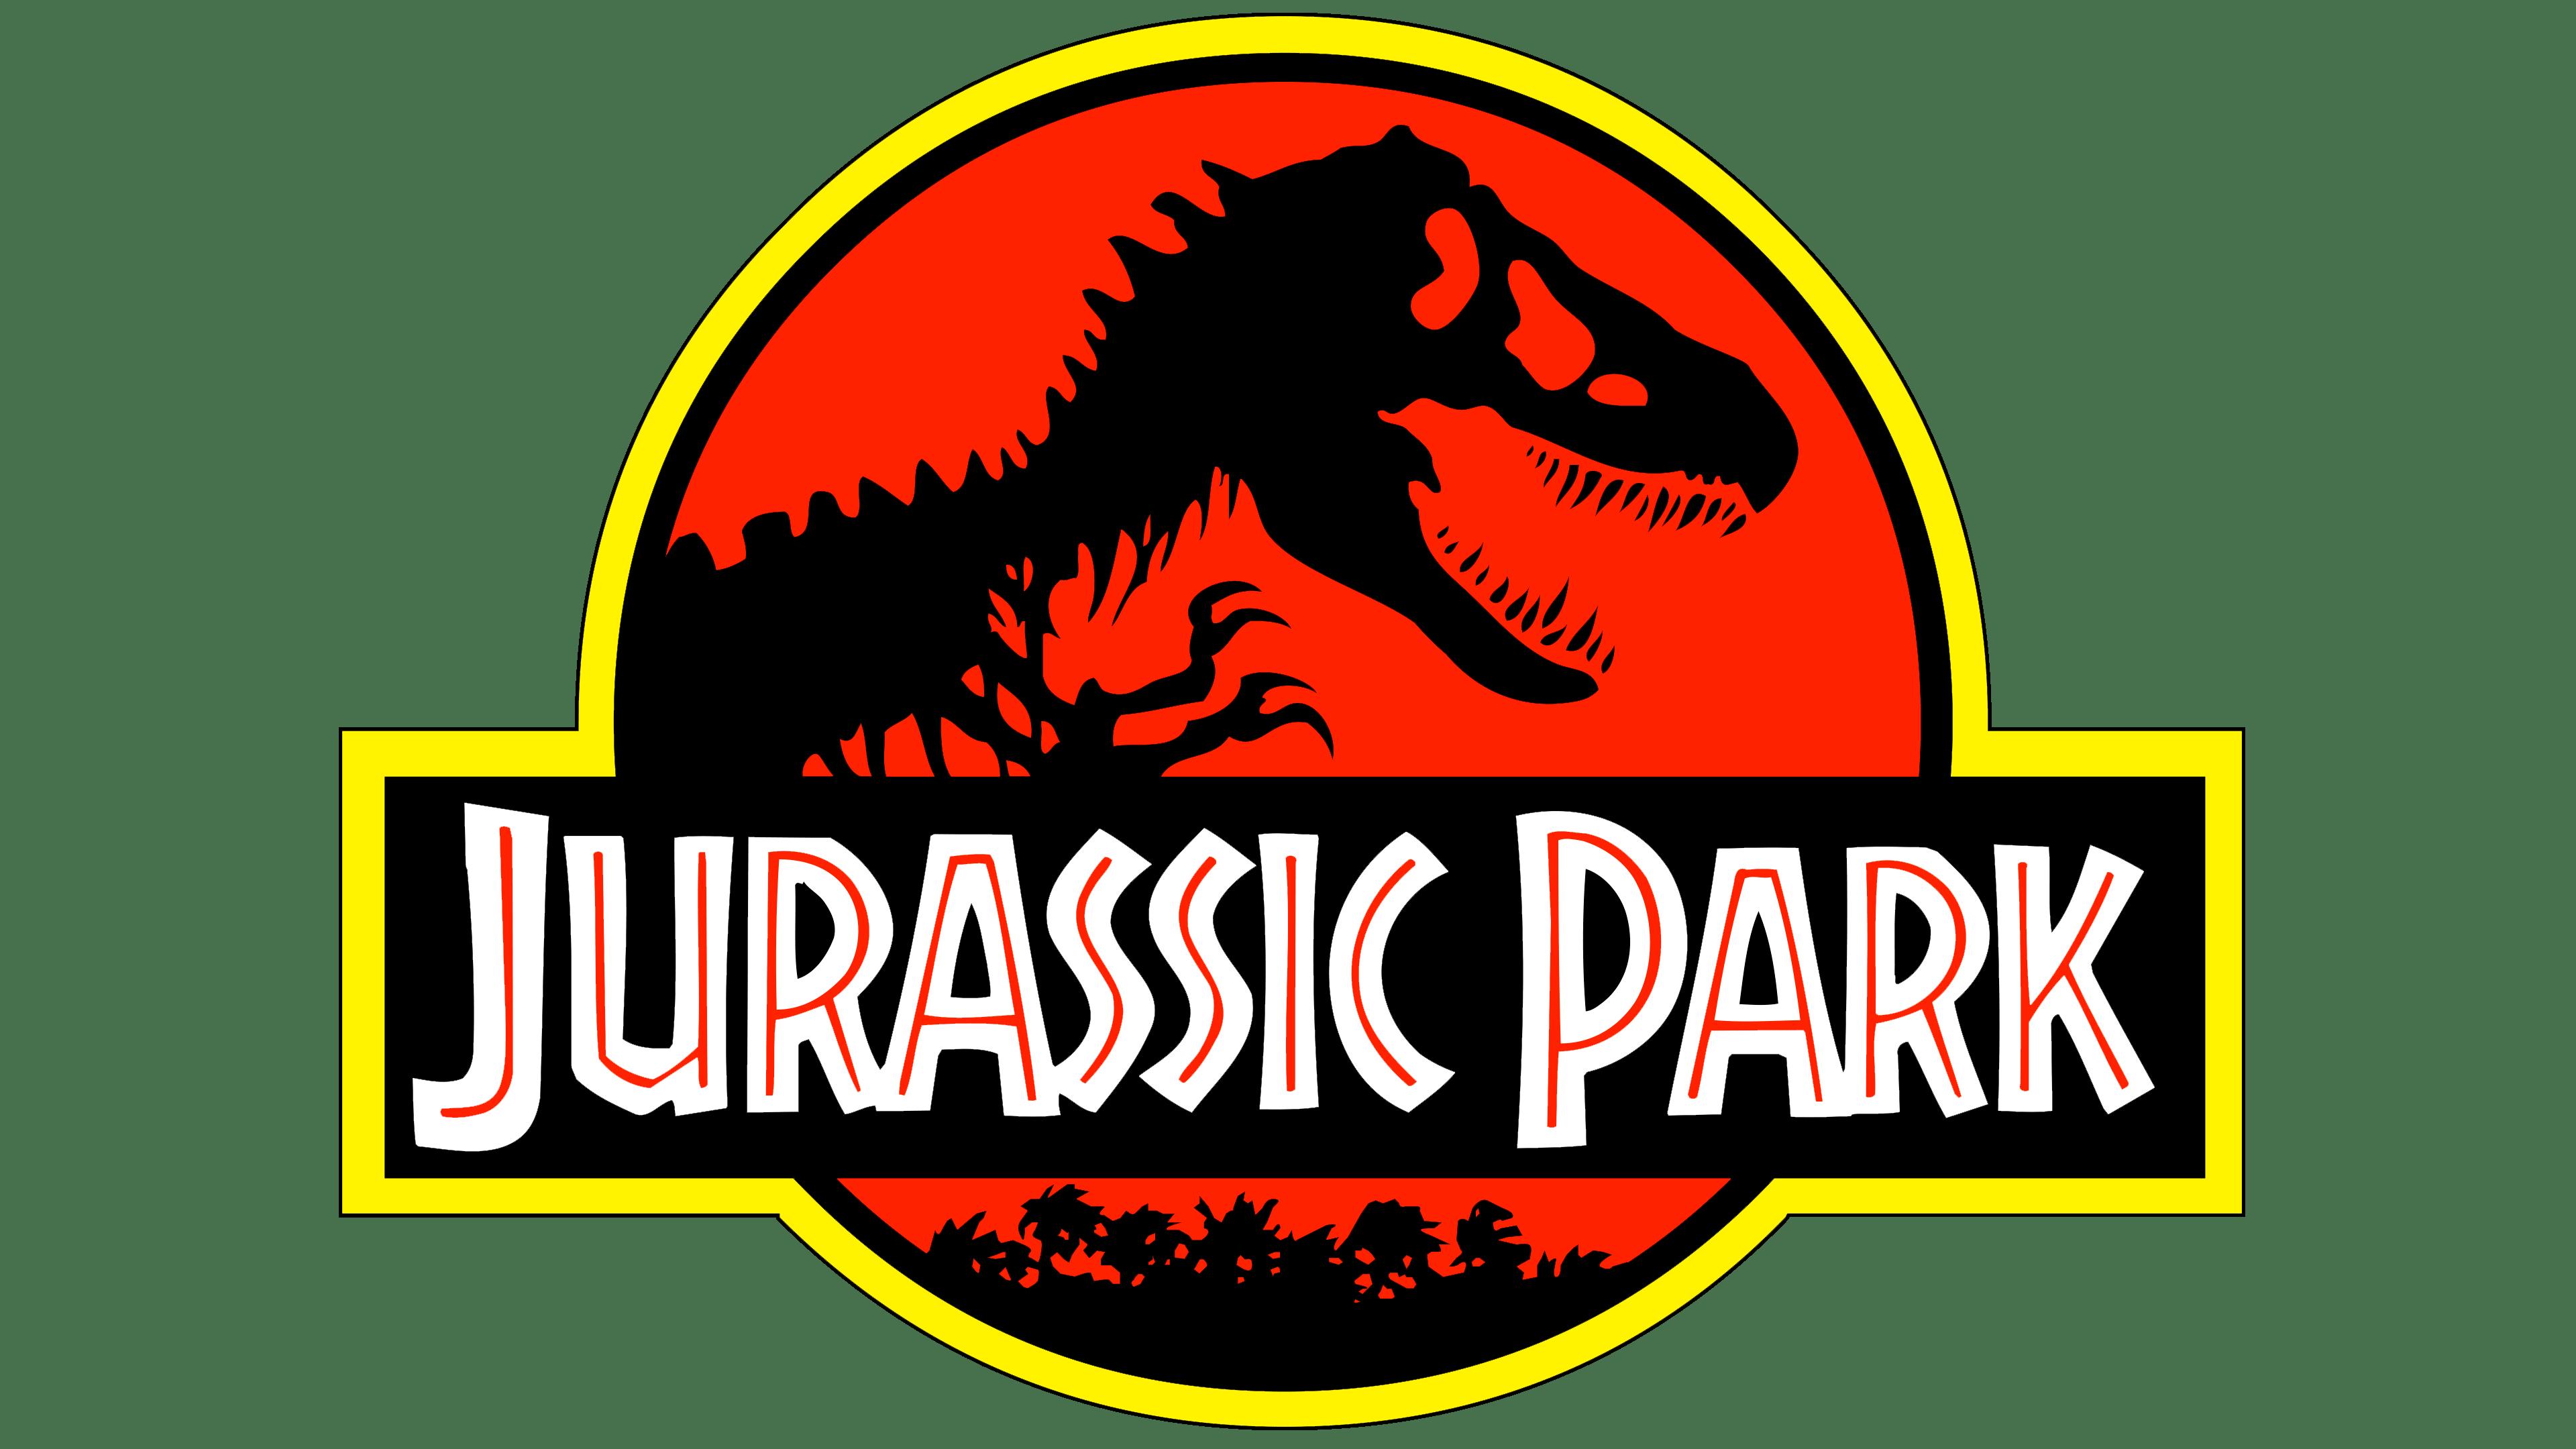 Jurassic Park Logo | Significado, História e PNG